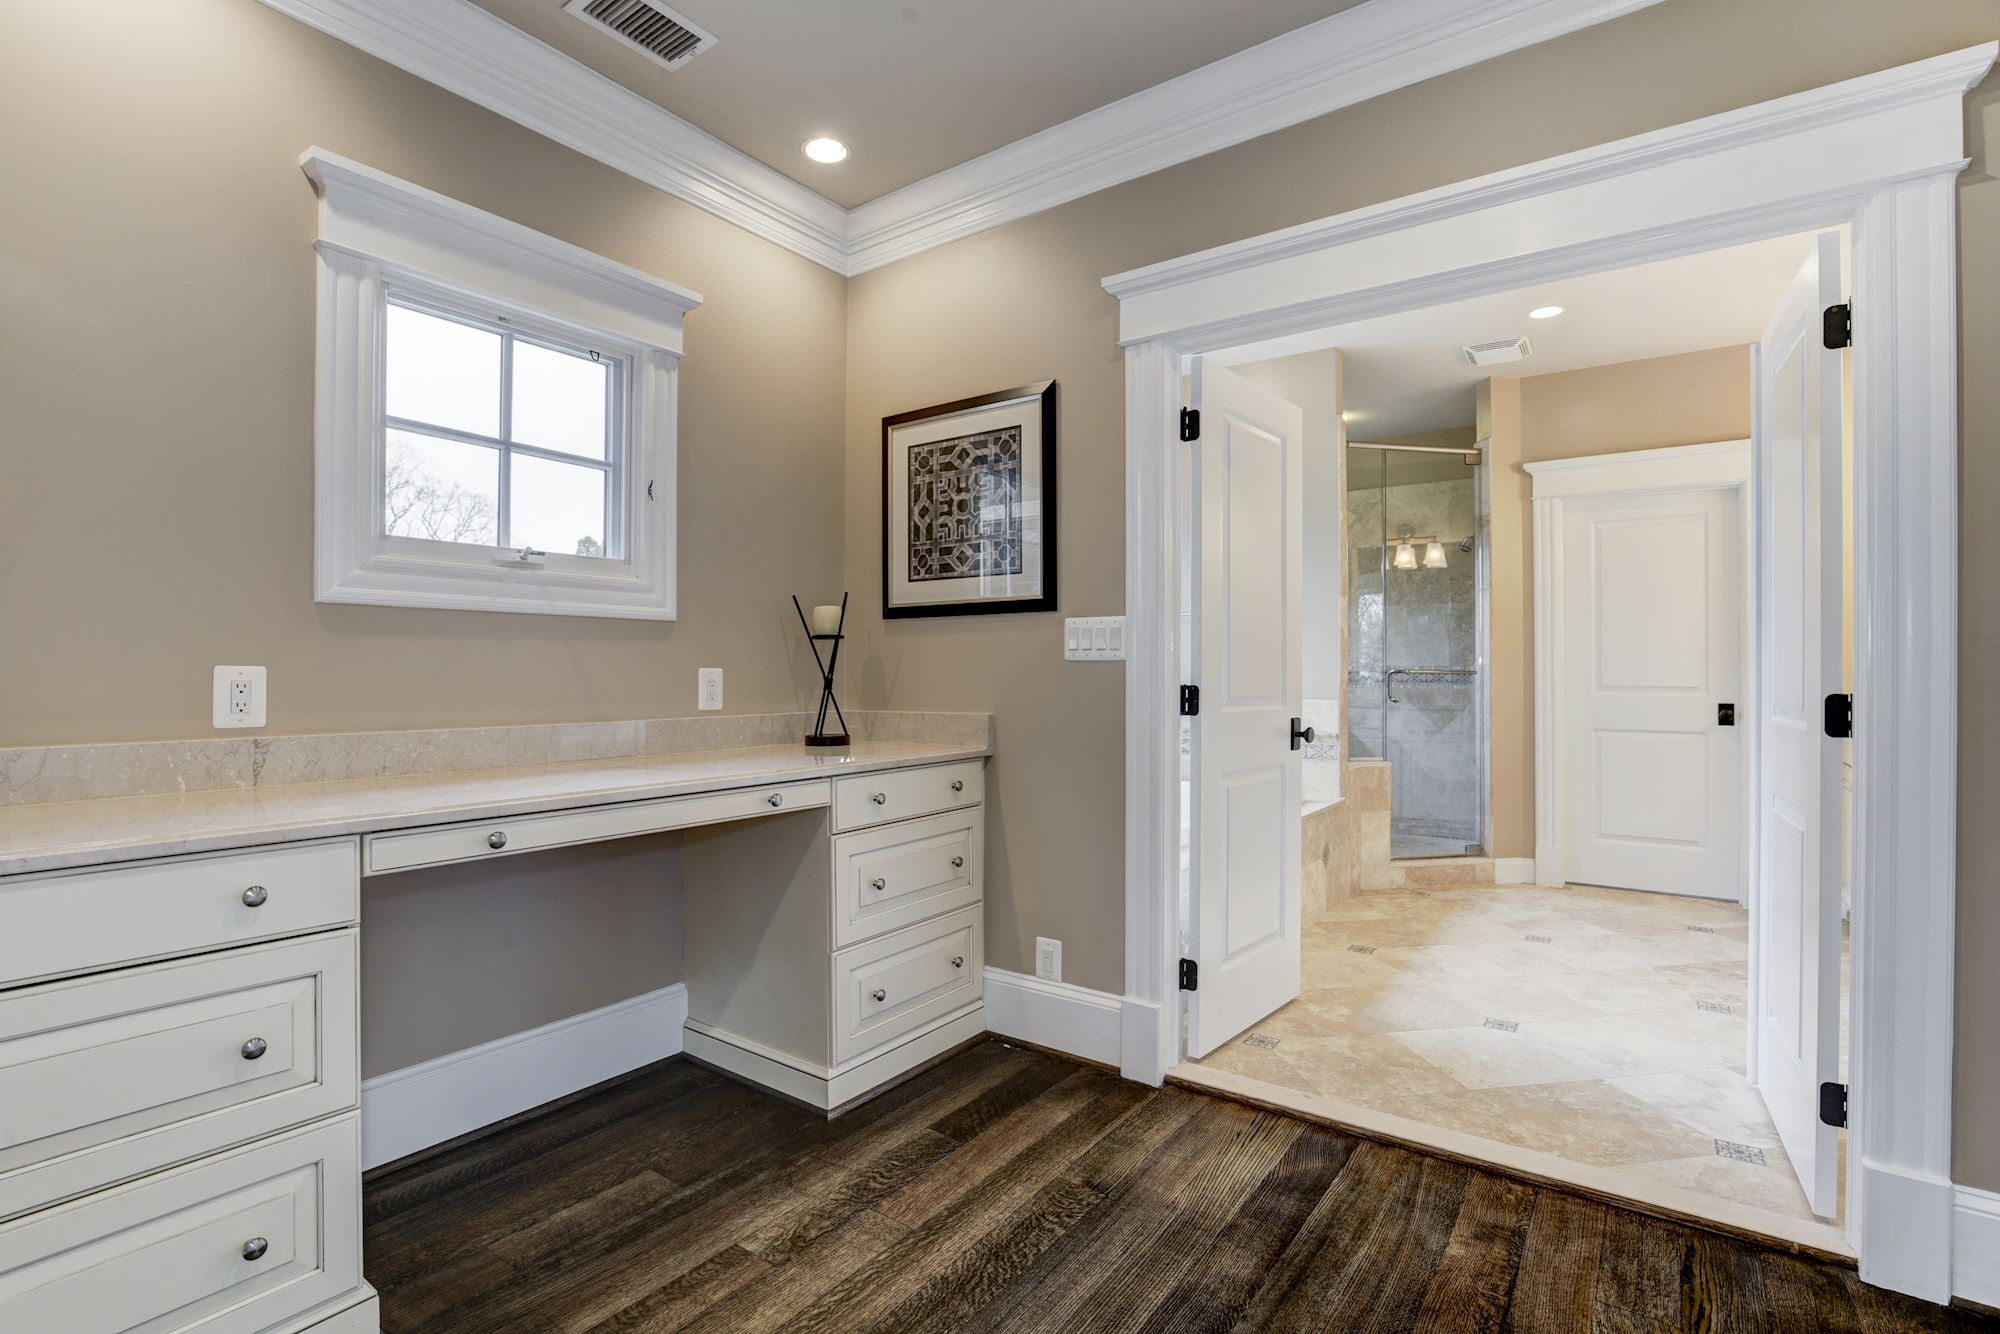 Bethesda Maryland Master Suite Remodeling: 7707 RADNOR RD, BETHESDA, MD 20817